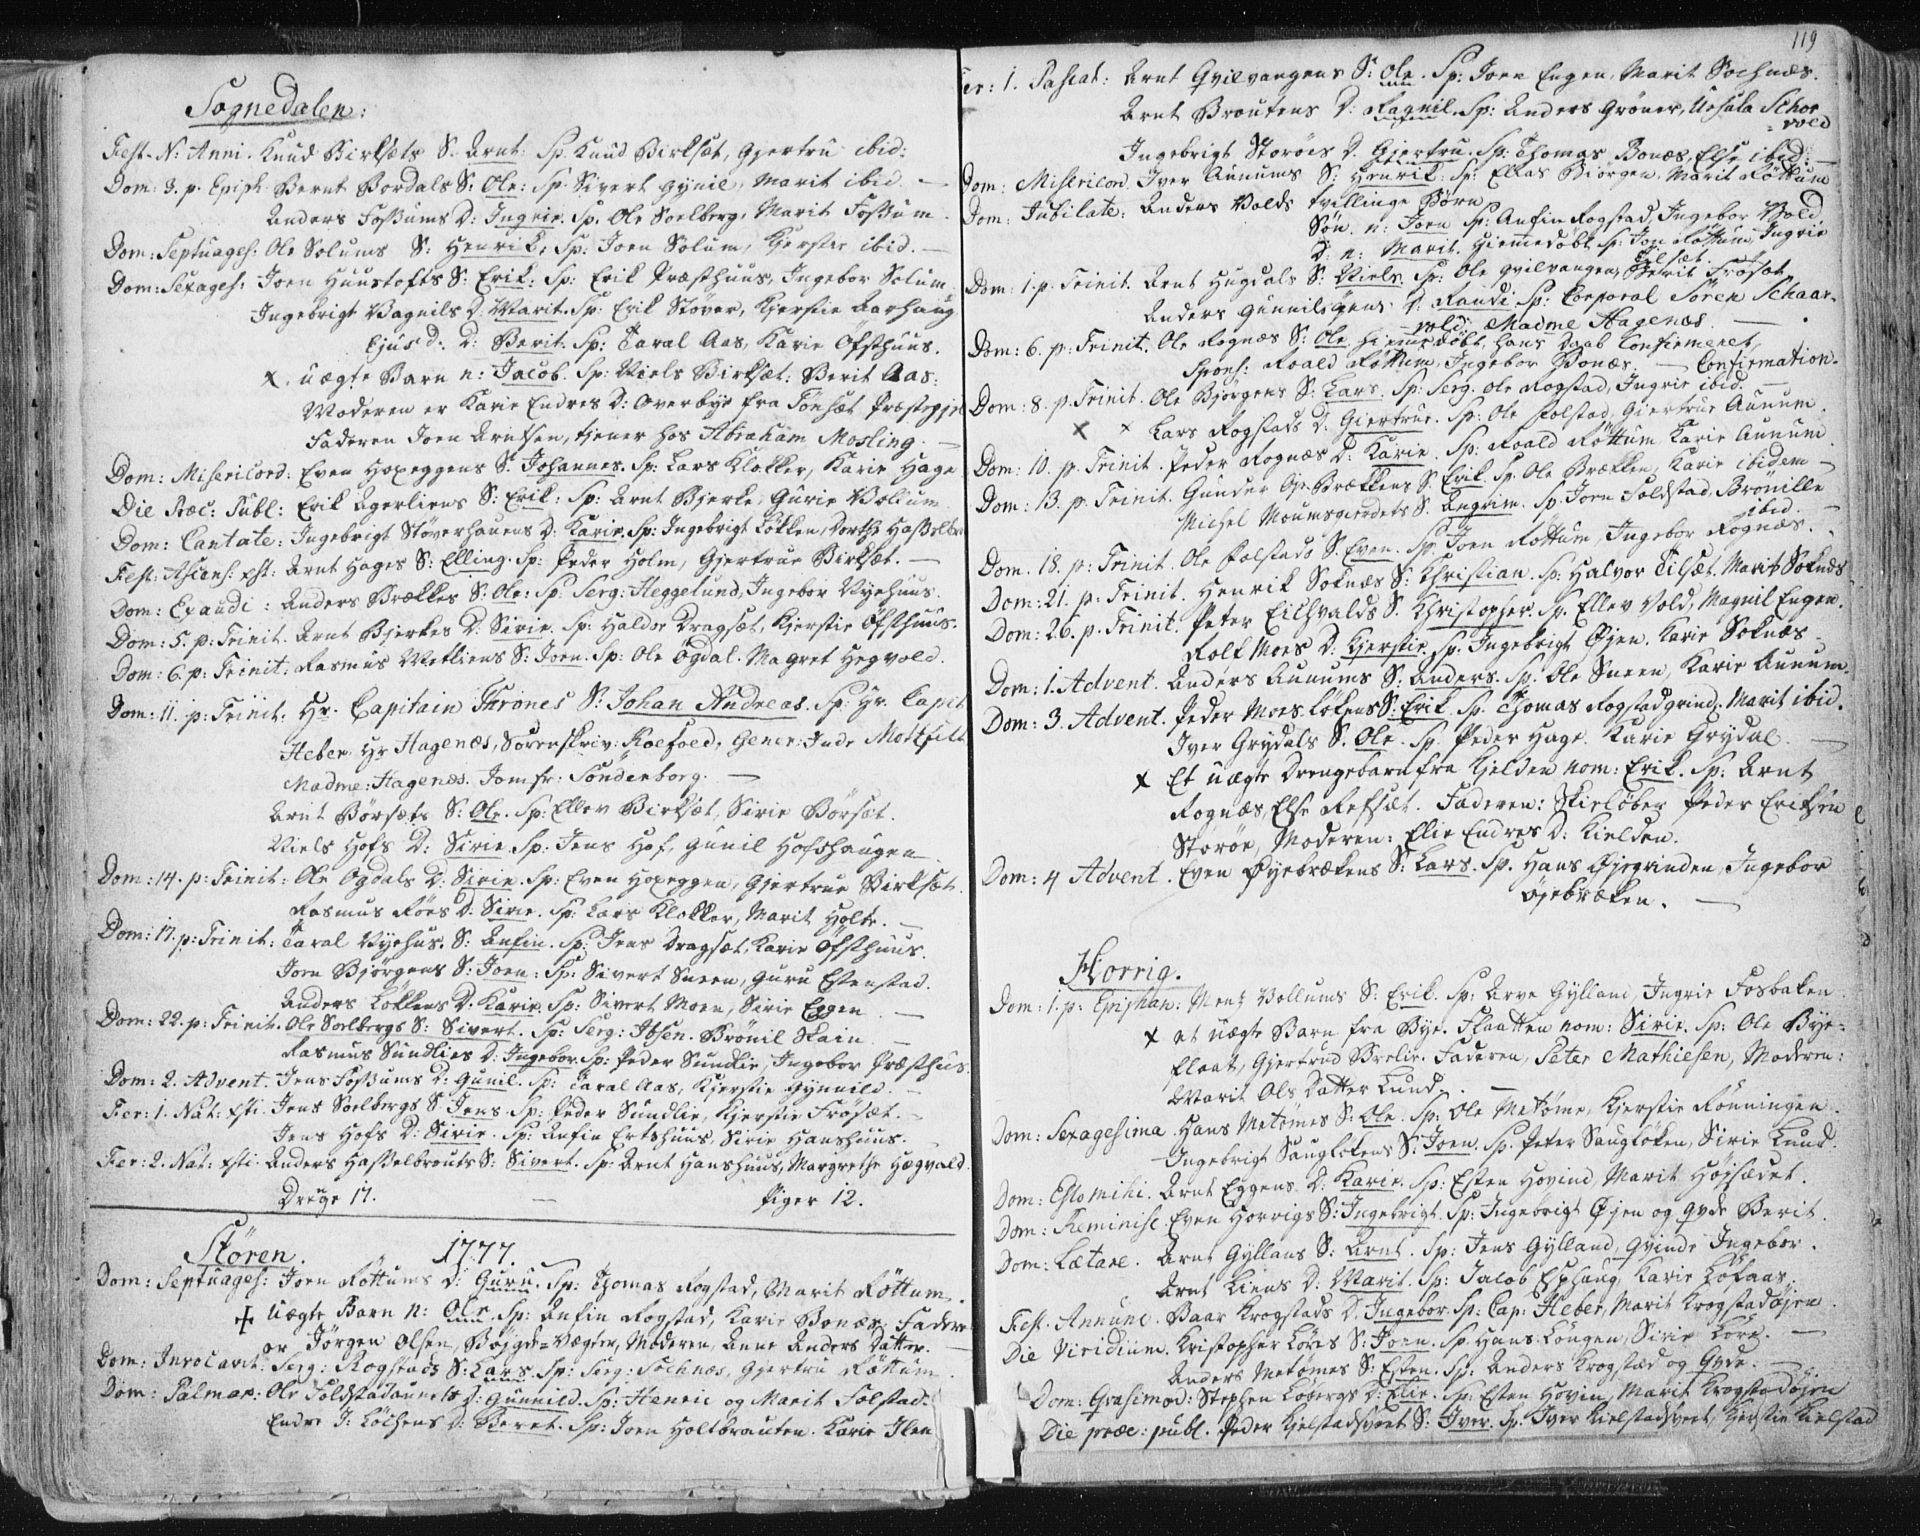 SAT, Ministerialprotokoller, klokkerbøker og fødselsregistre - Sør-Trøndelag, 687/L0991: Ministerialbok nr. 687A02, 1747-1790, s. 119